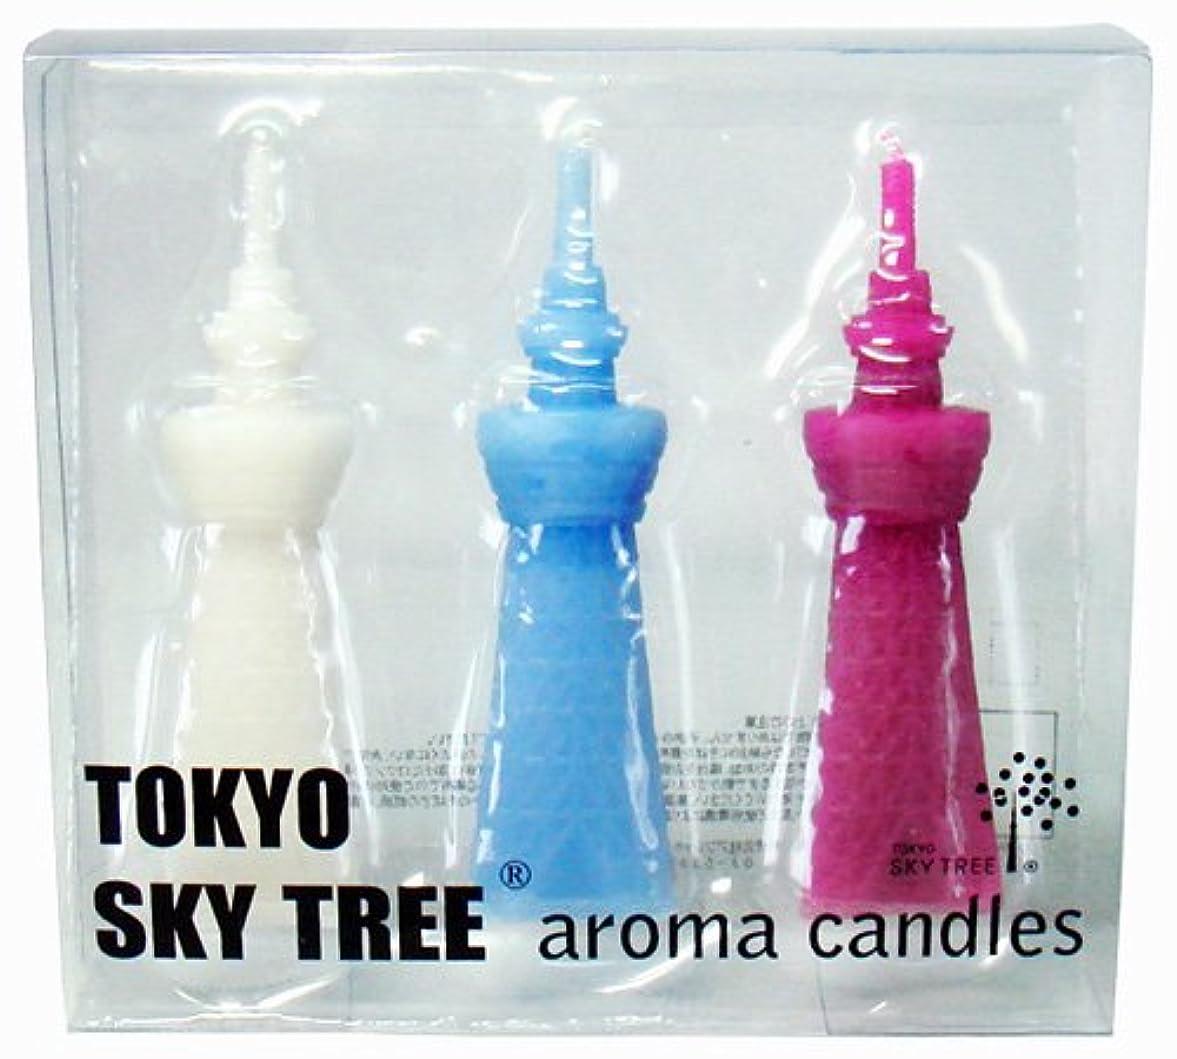 音接続詞食事を調理する東京スカイツリー(R) アロマキャンドル3本セット